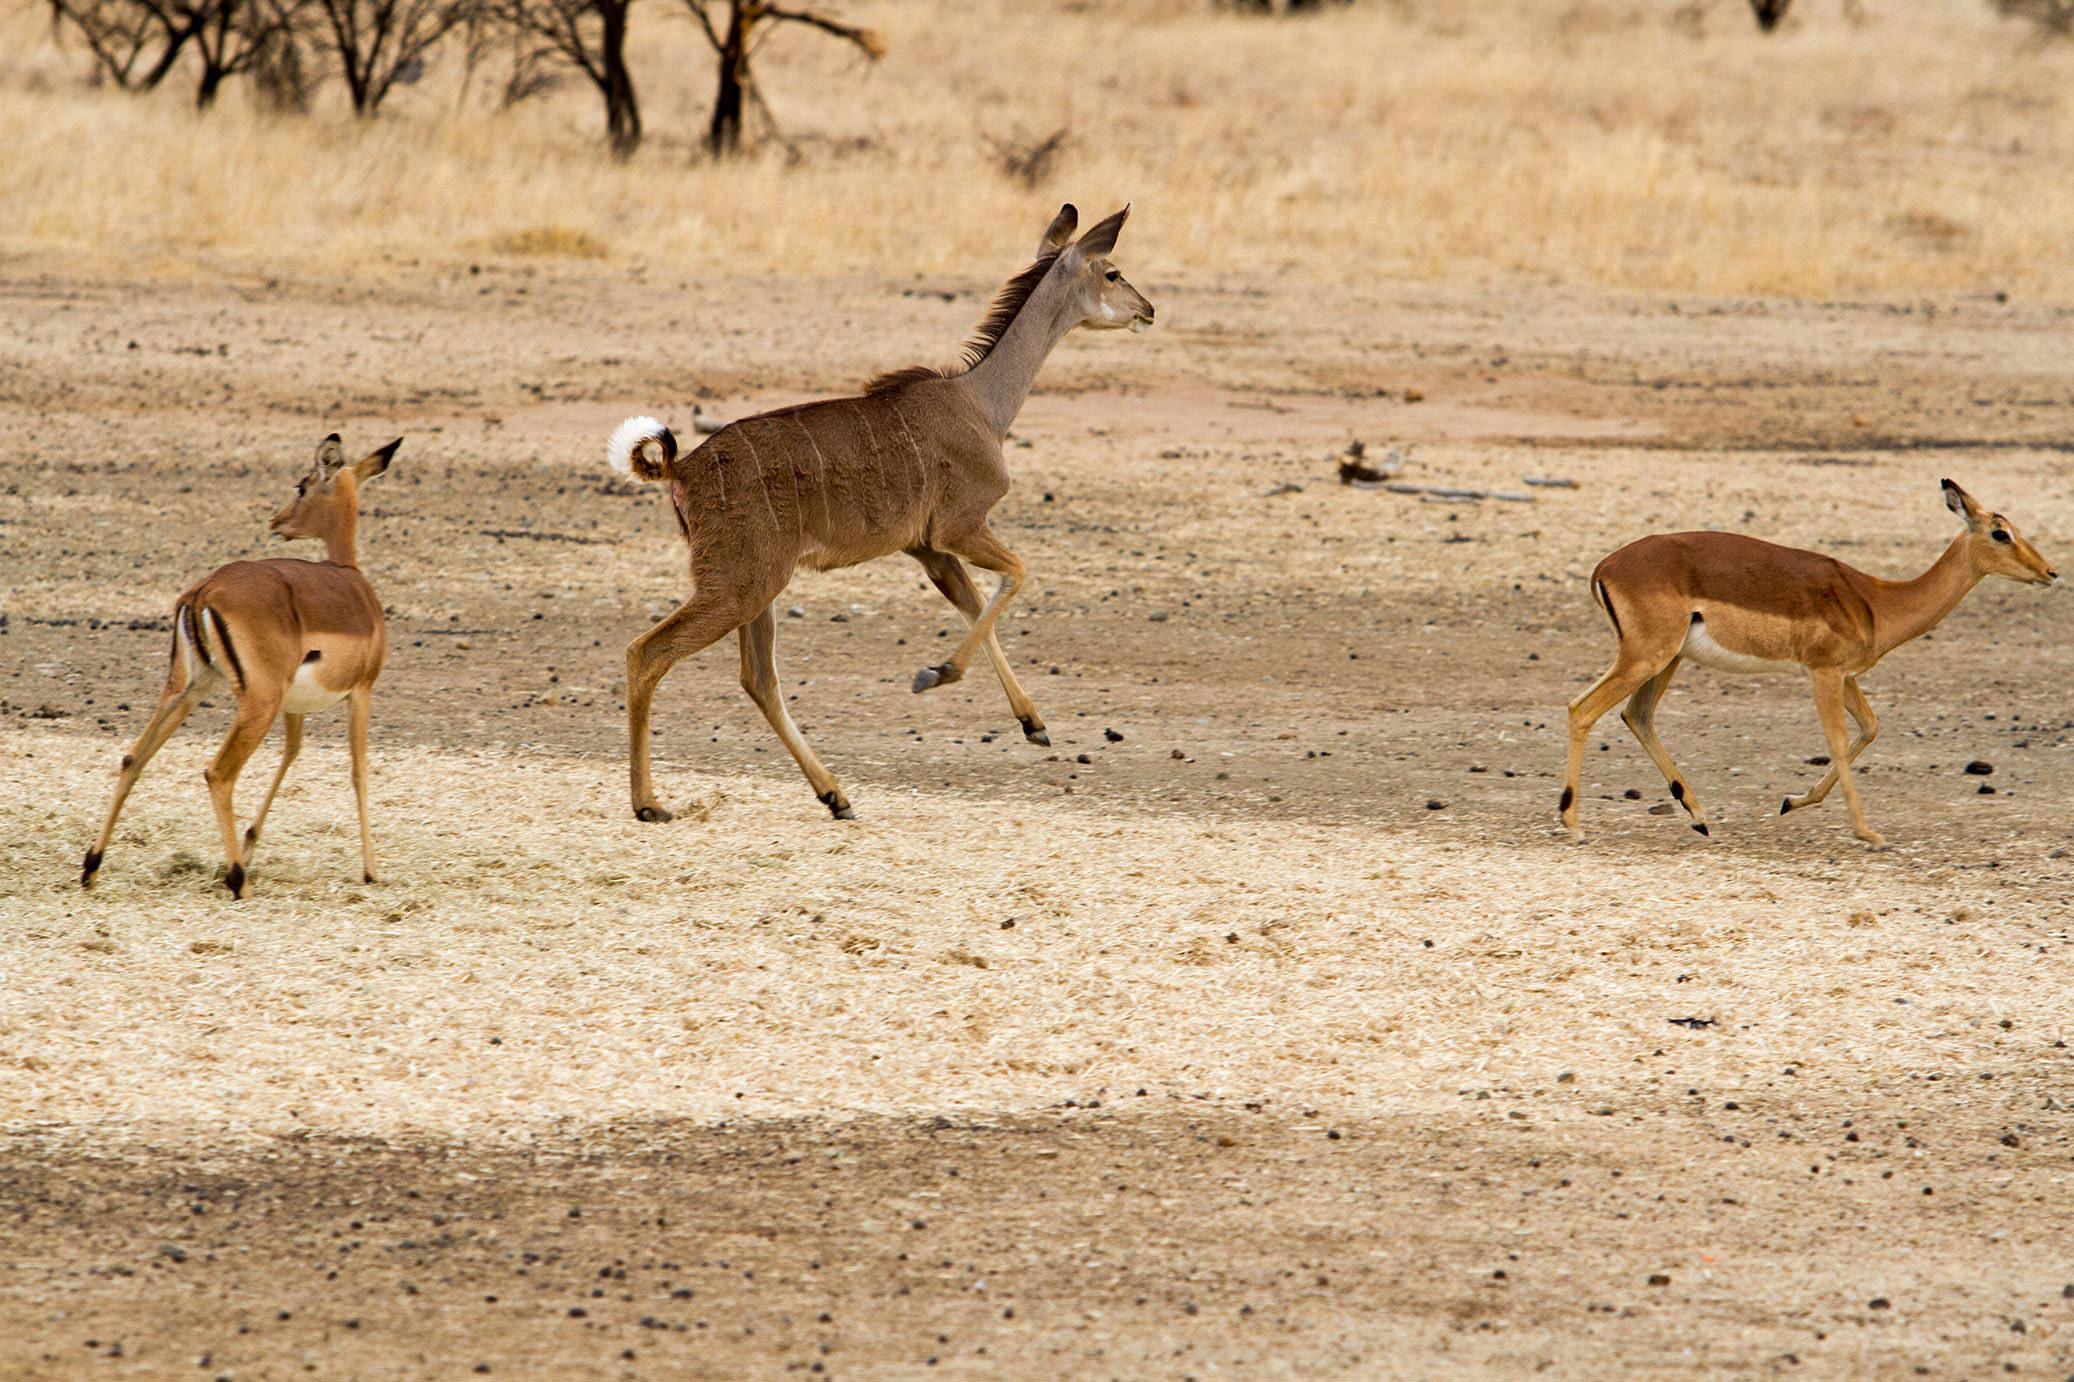 amanzi private game reserve - Bokke 10 - Amanzi Private Game Reserve